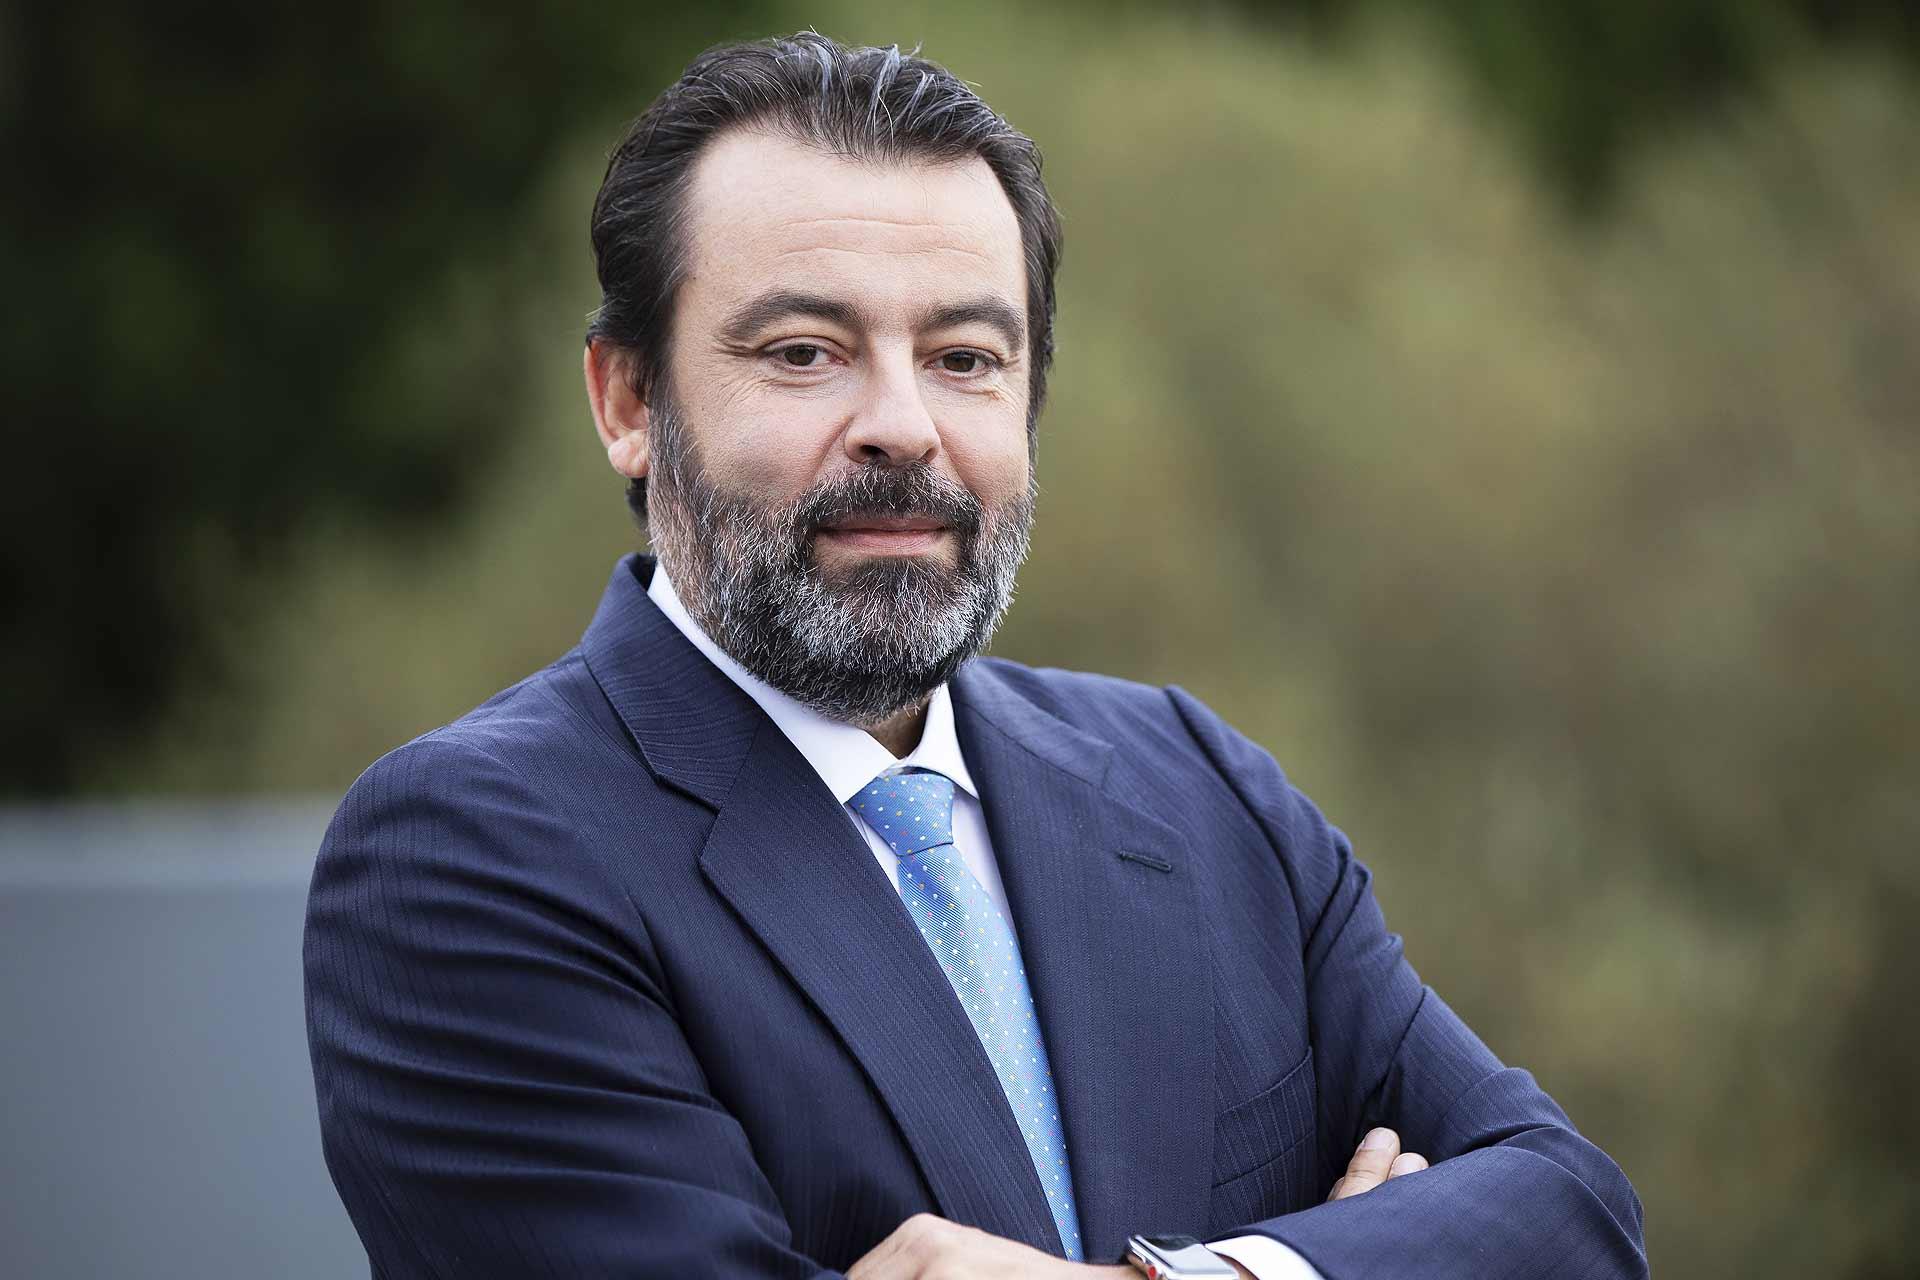 Velatia: Javier Ormazabal Echevarria